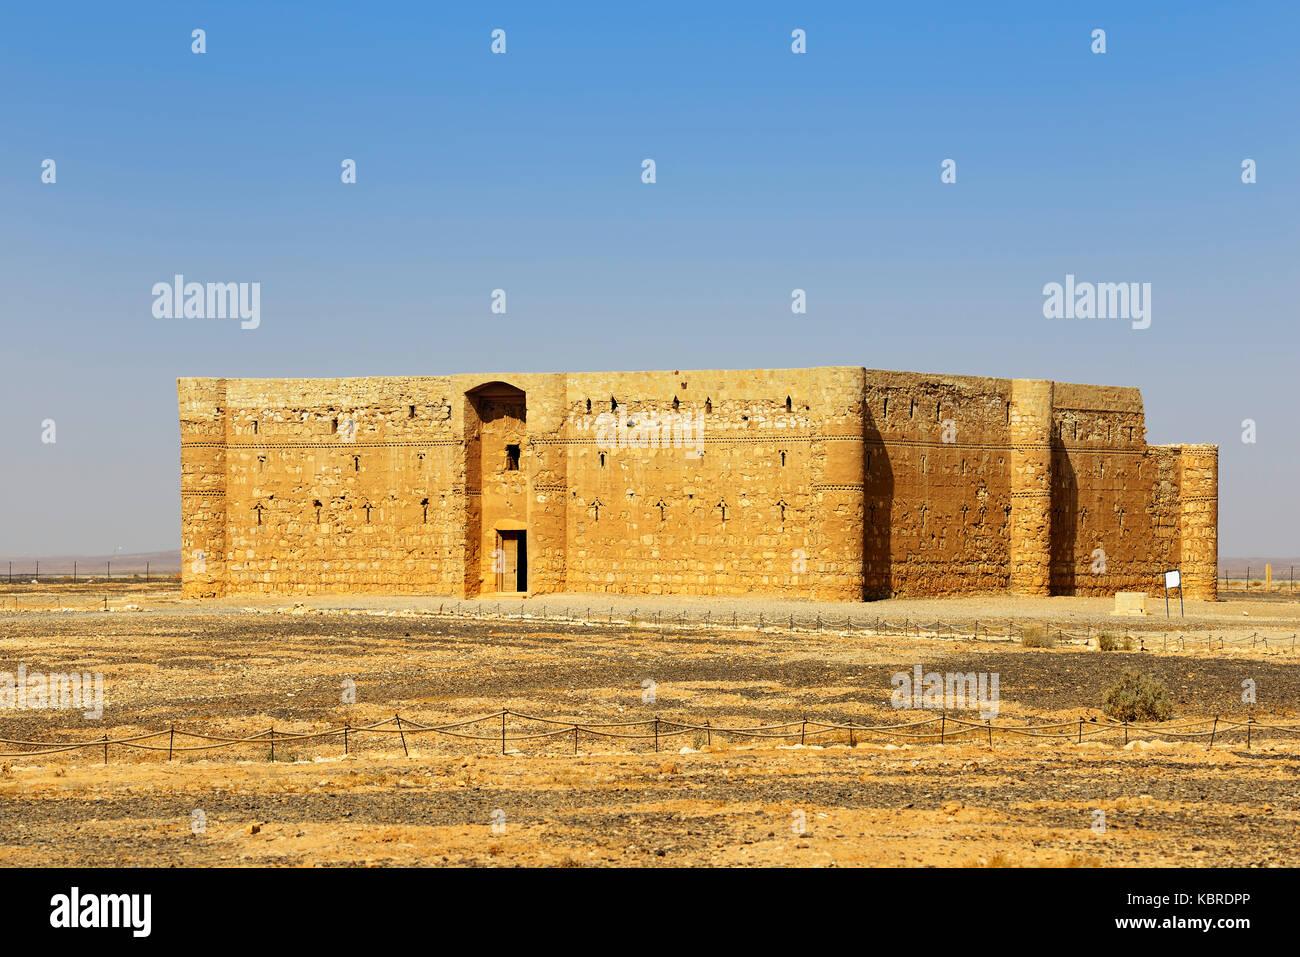 Umayyad castello nel deserto, Qasr al-kharanah, Giordania Immagini Stock